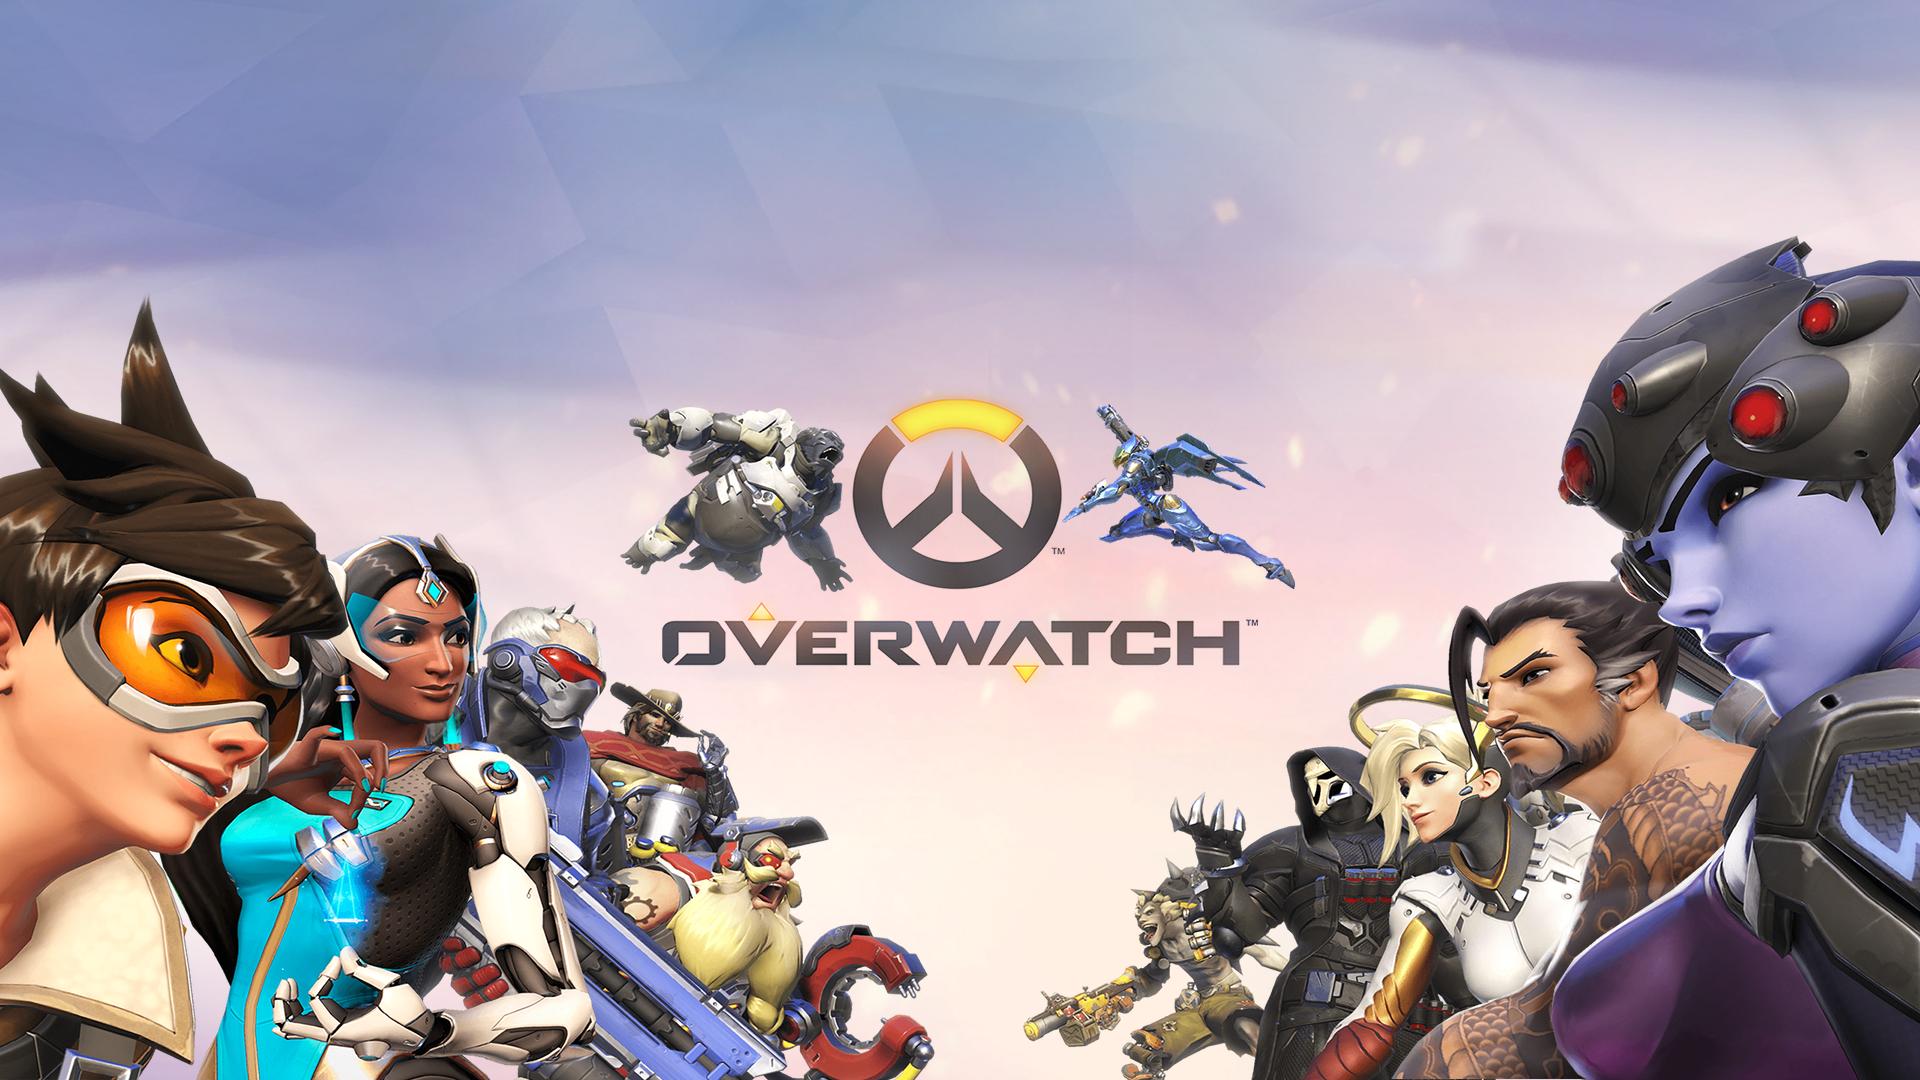 Fondos De Overwatch Wallpapers De Overwatch Gratis